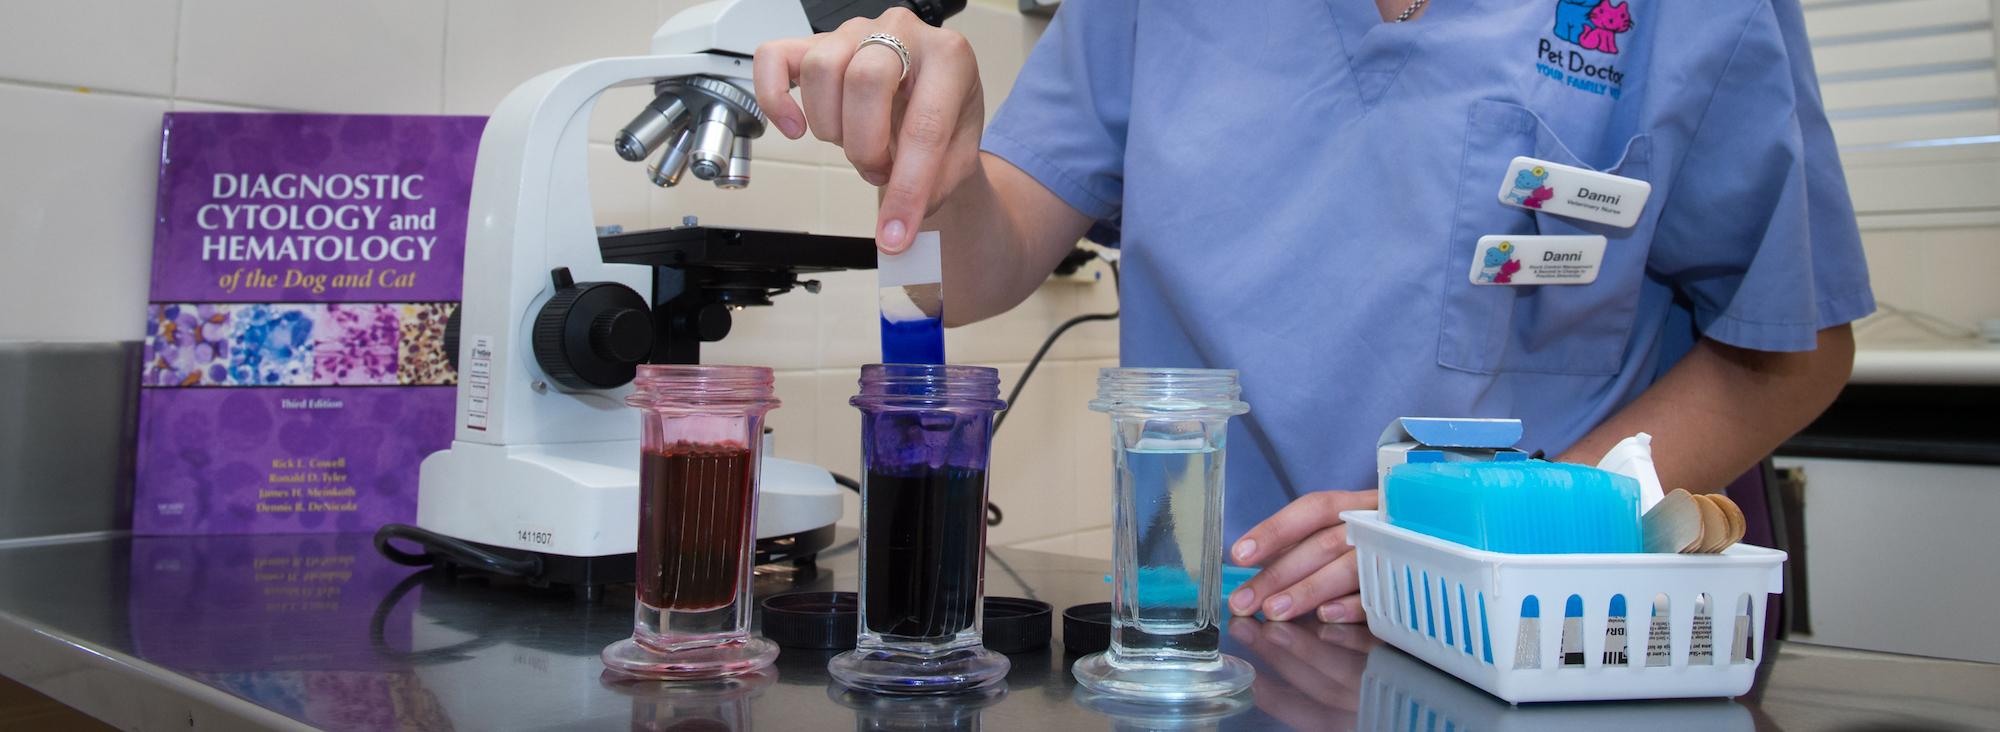 blood analysis at pet doctor vet